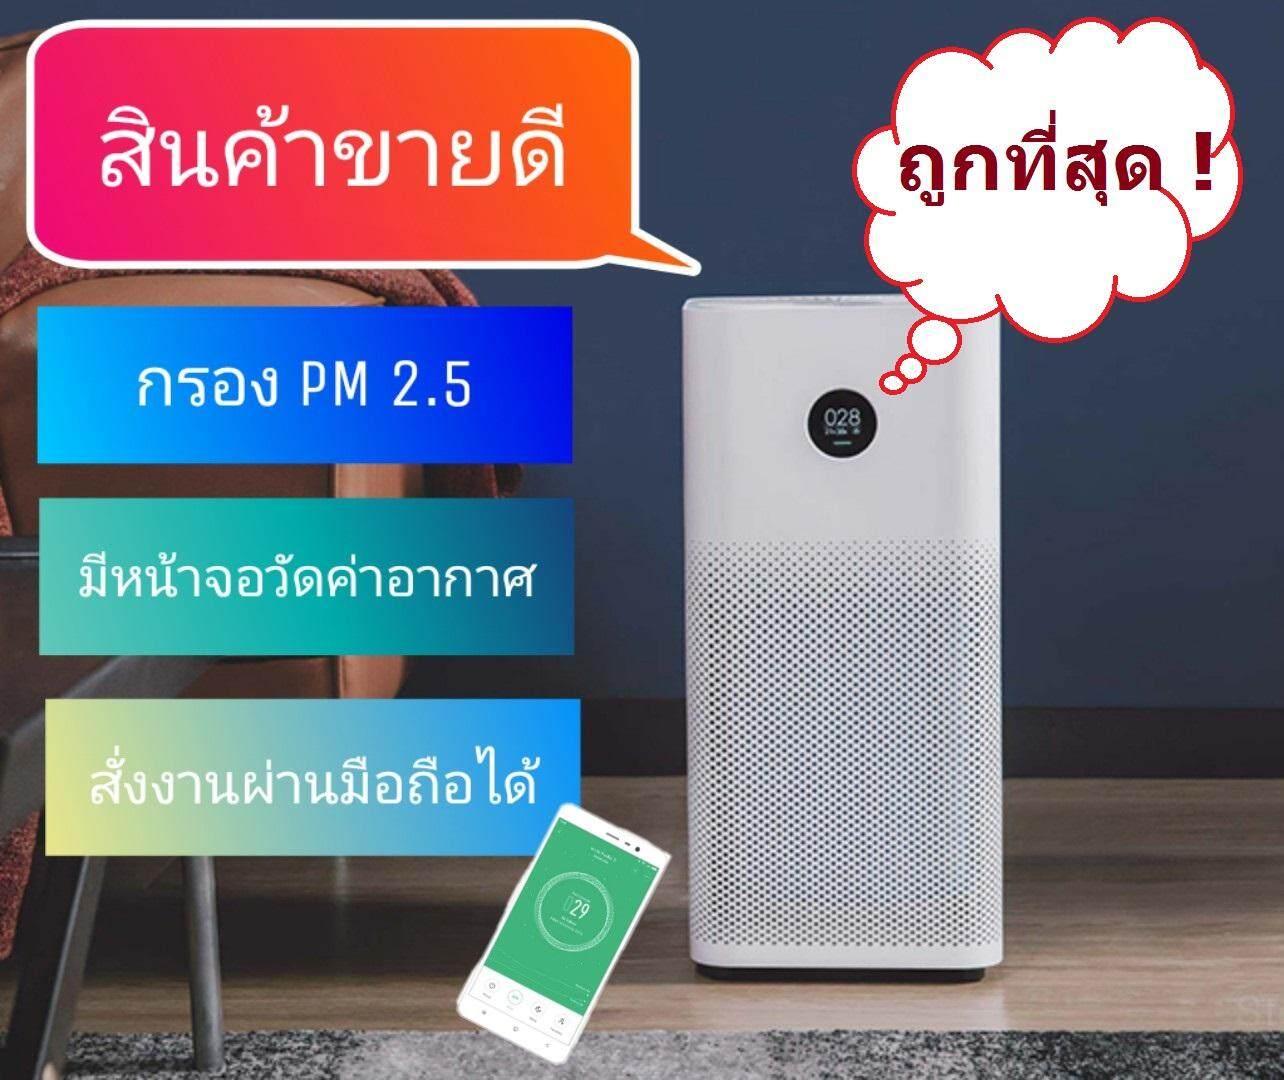 ยี่ห้อไหนดี  แม่ฮ่องสอน   พร้อมส่ง   เครื่องฟอกอากาศ XiaoMi Pro กรอง PM2.5 ได้อย่างมีประสิทธิภาพ สำหรับห้อง 35-60 ตรม   รับประกัน 3 เดือน